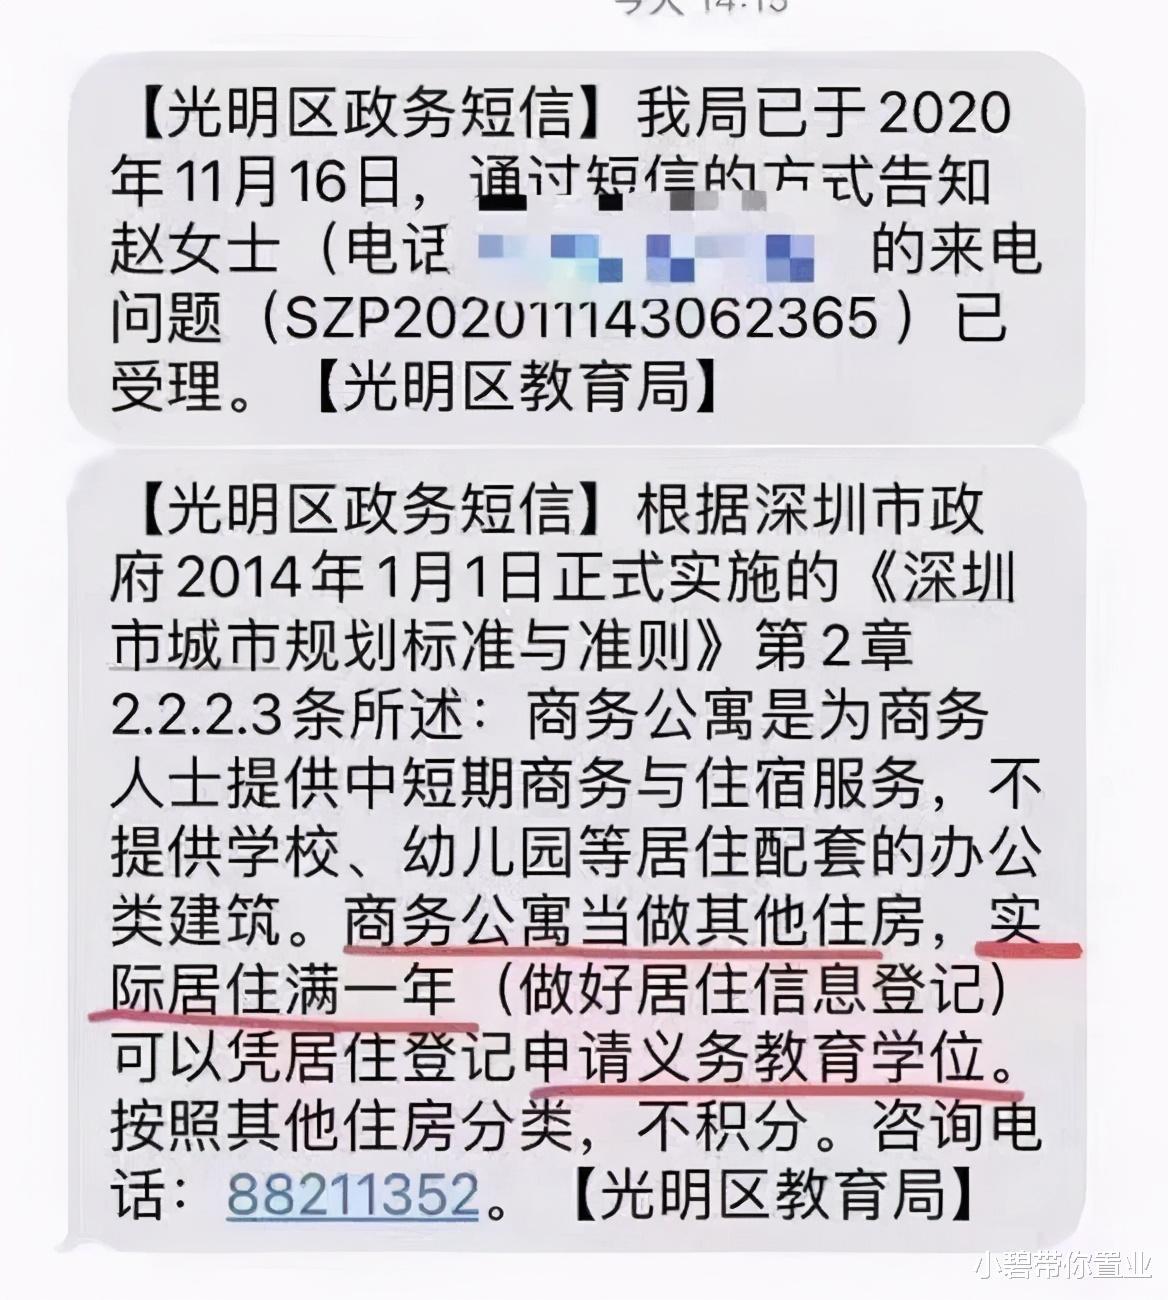 爆料:深圳龙岗公寓入学最高能积100分!各区入学政策大盘点